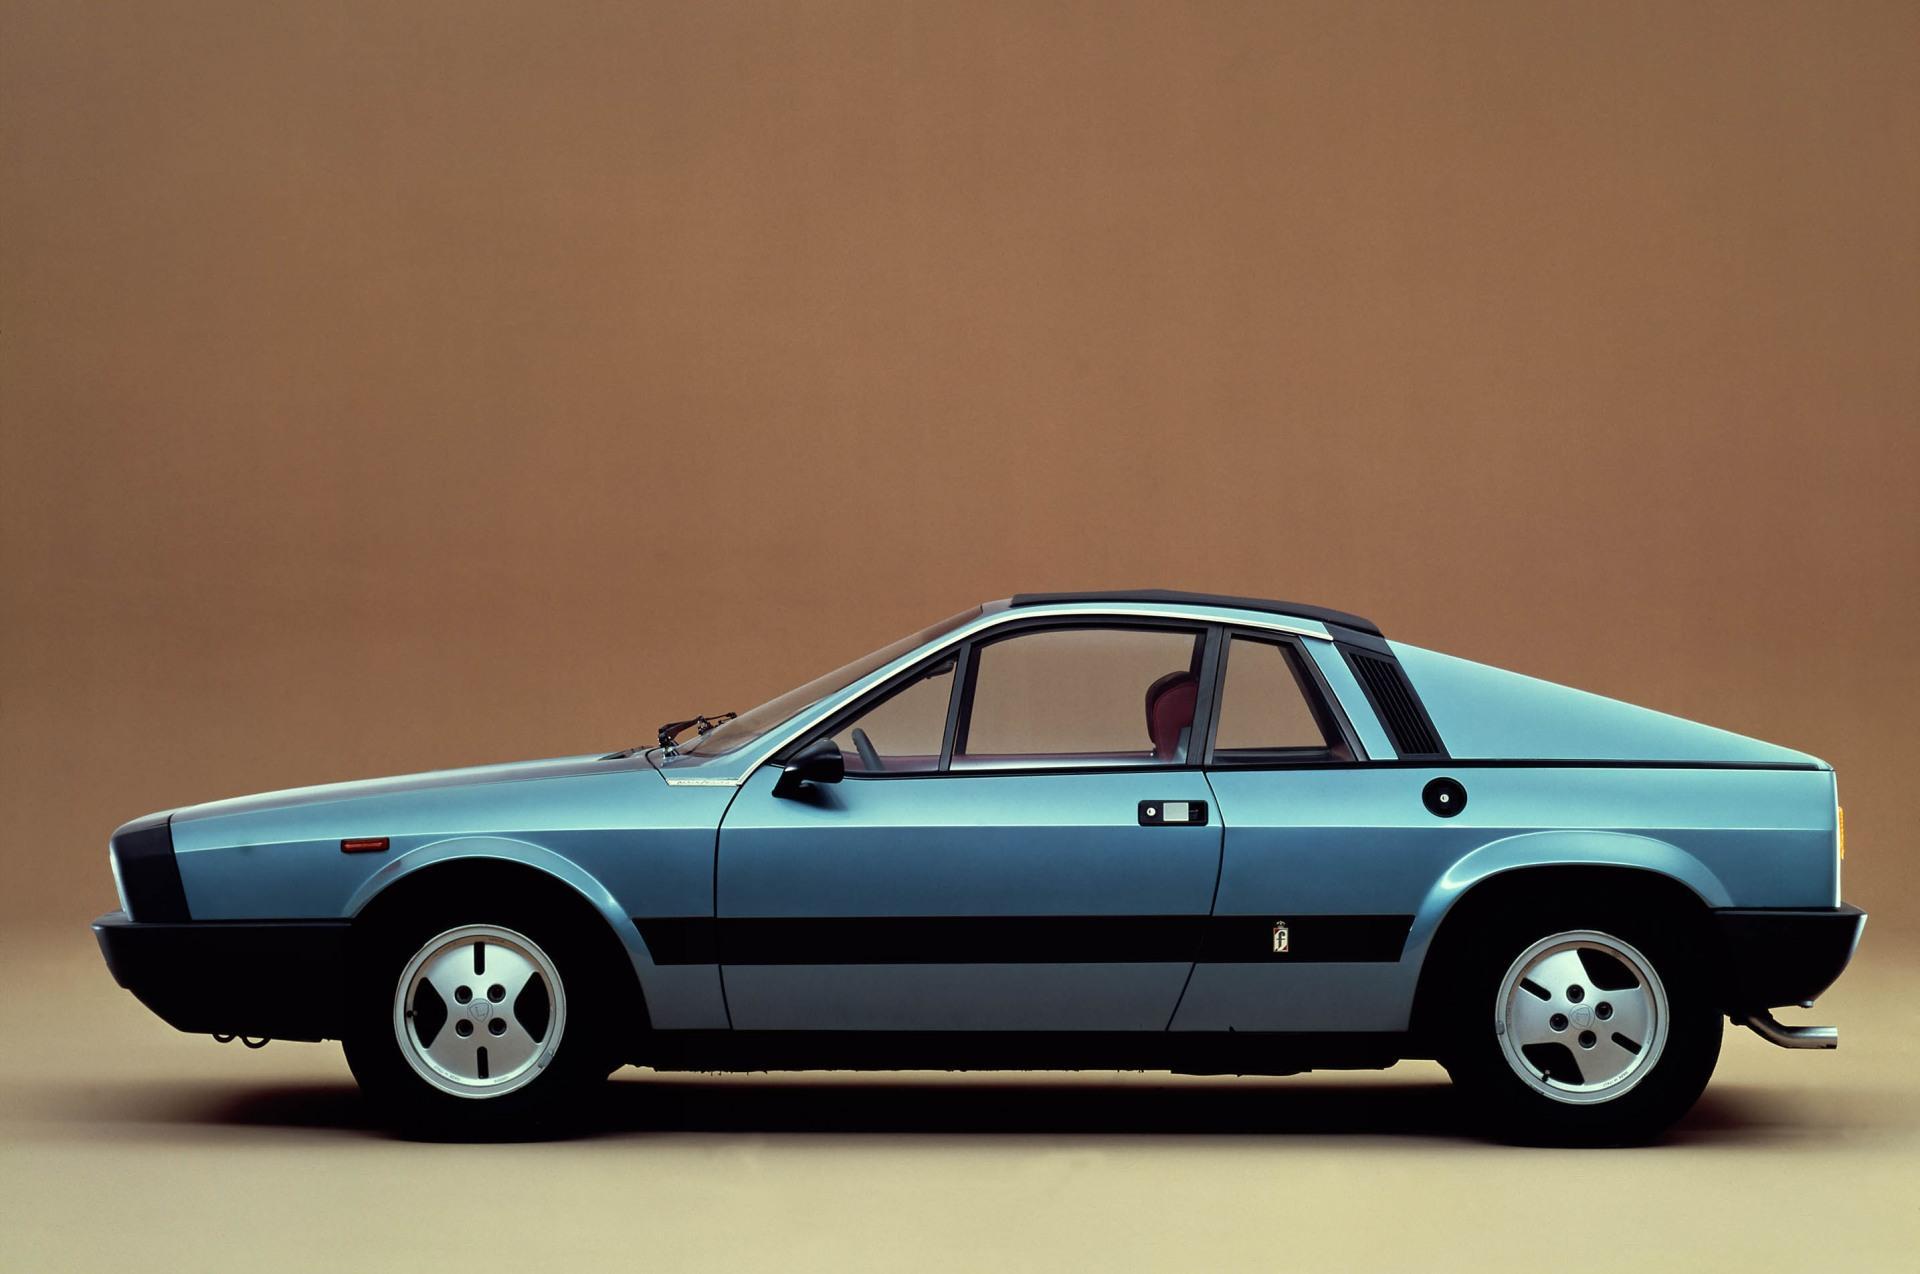 https://www.conceptcarz.com/images/Lancia/Lancia-Beta-Image-00010.jpg